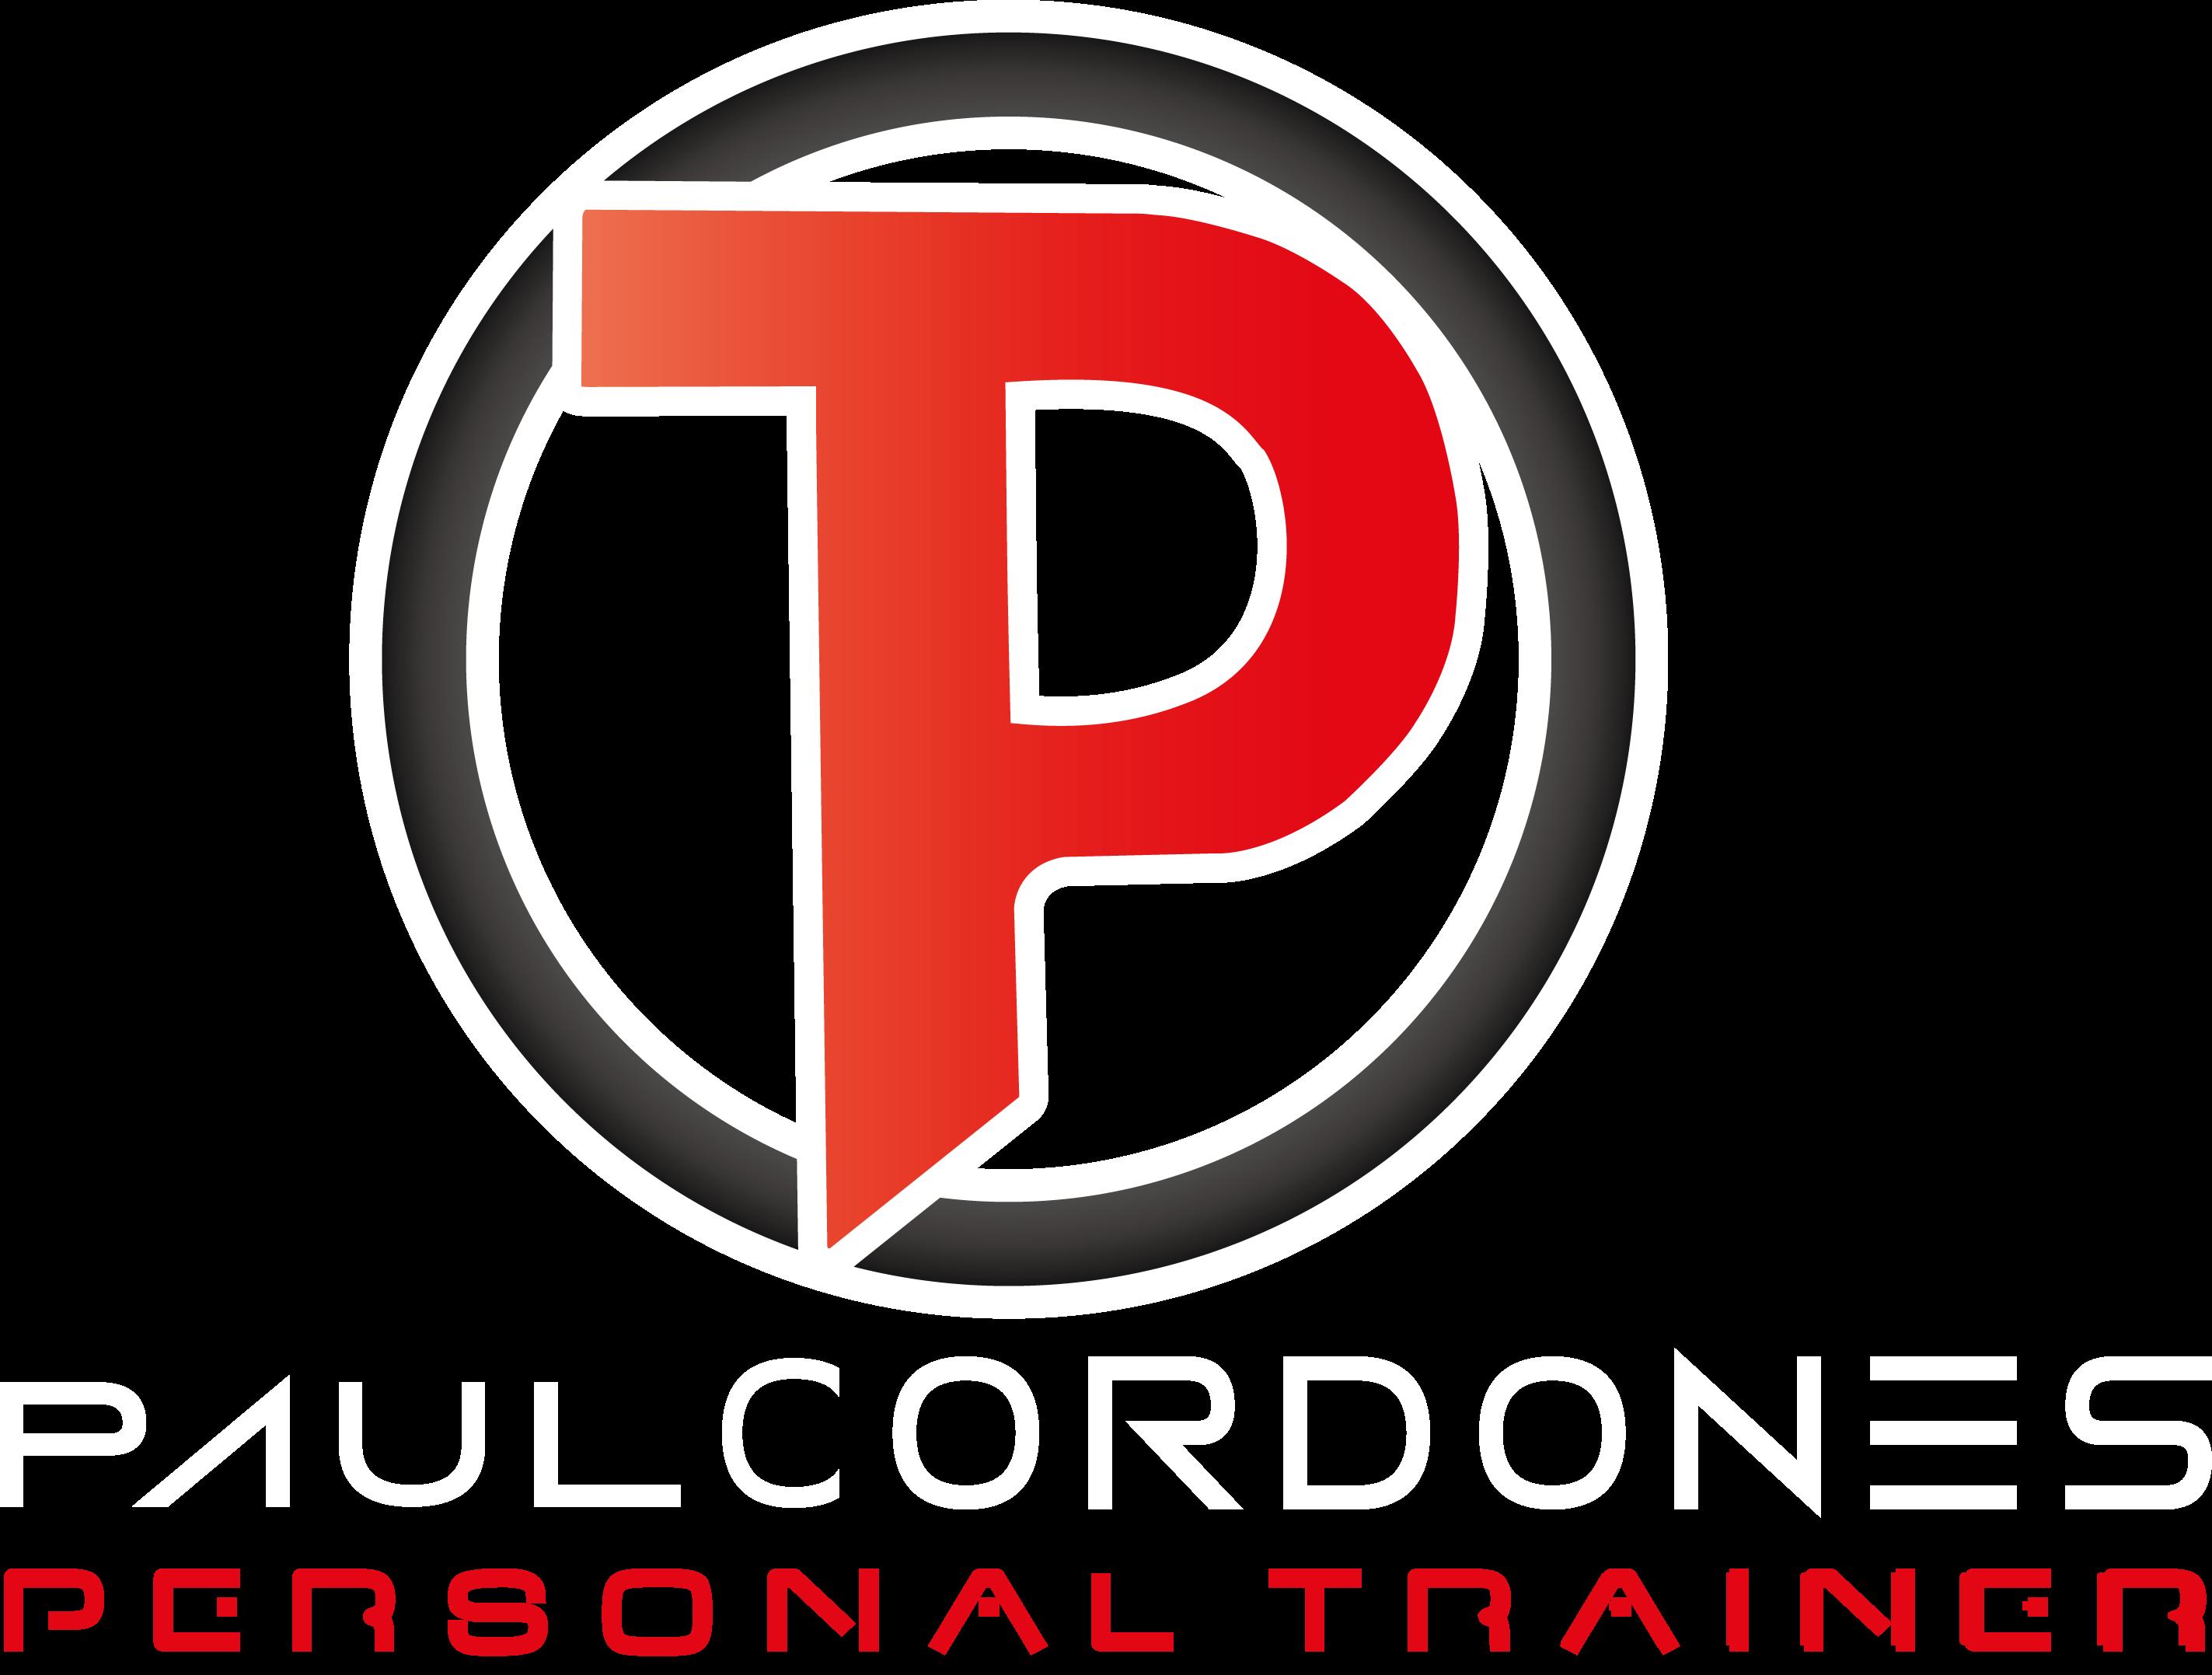 Paul Cordones